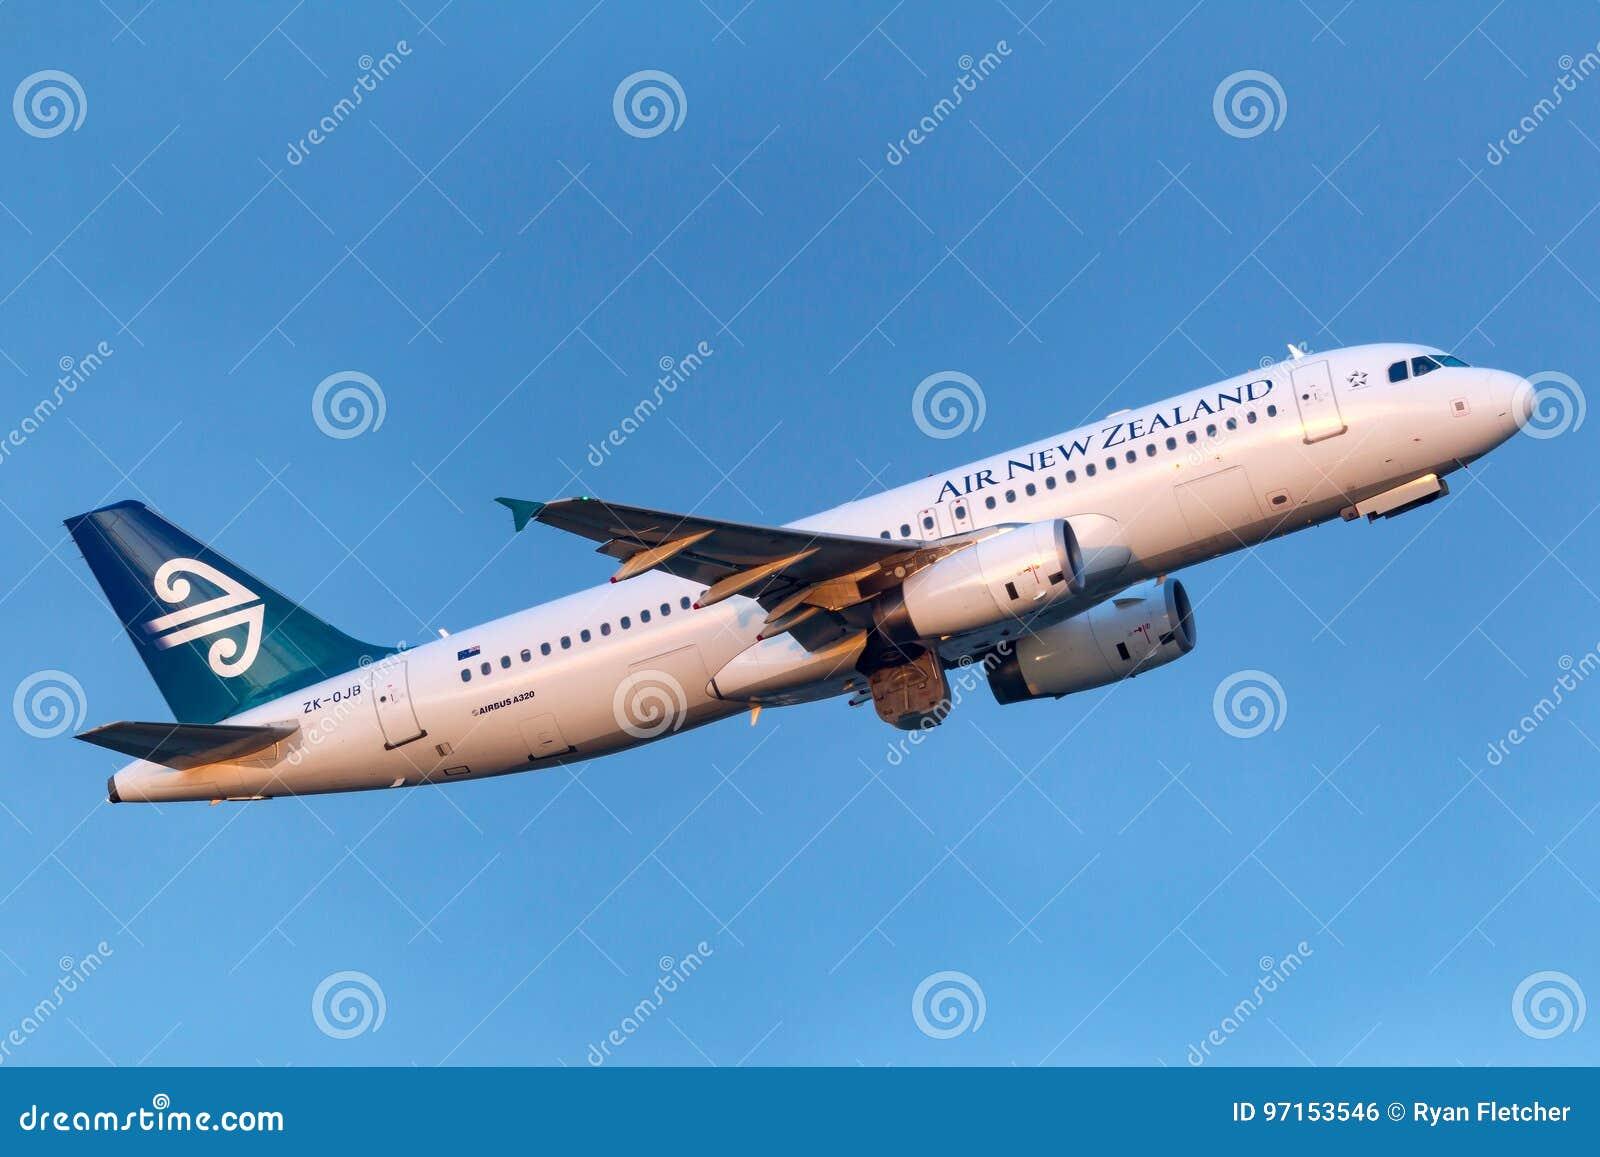 Aéroport international de départ d Air New Zealand Airbus A320-232 ZK-OJB Melbourne